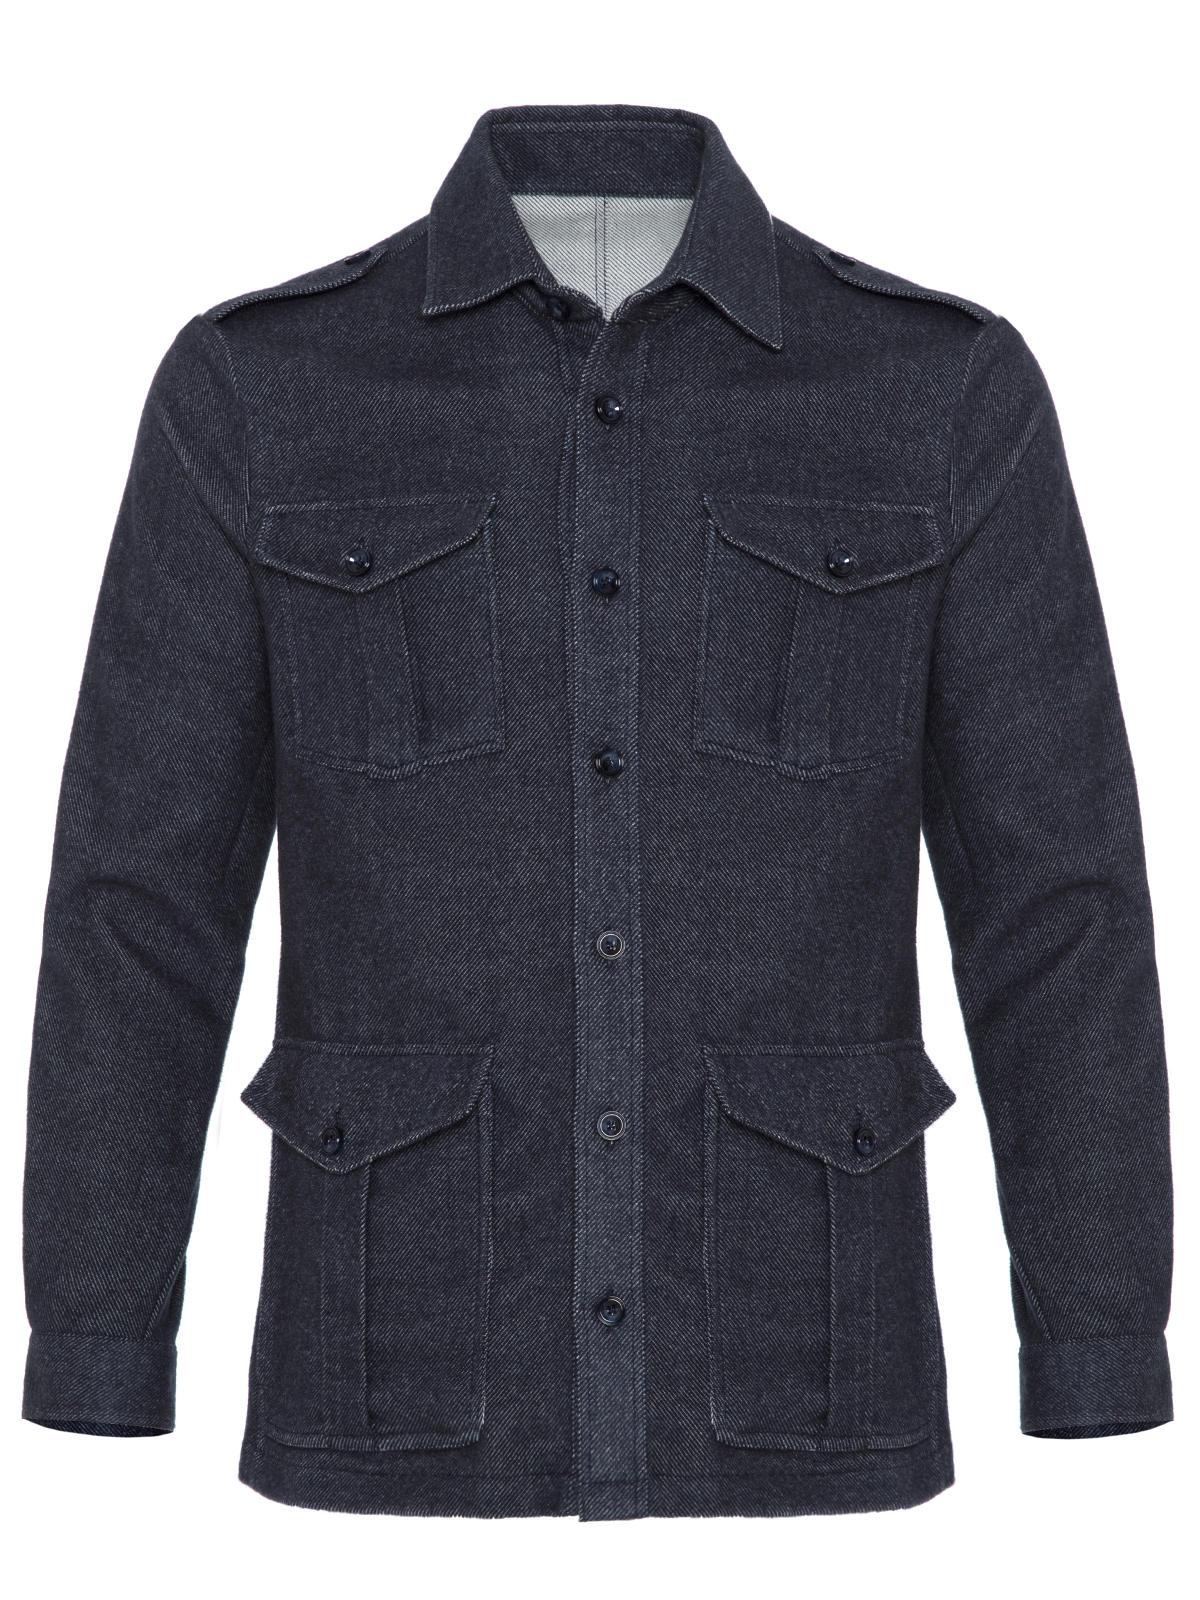 Germirli Gri Mavi Twill Flanel Tailor Fit Ceket Gömlek